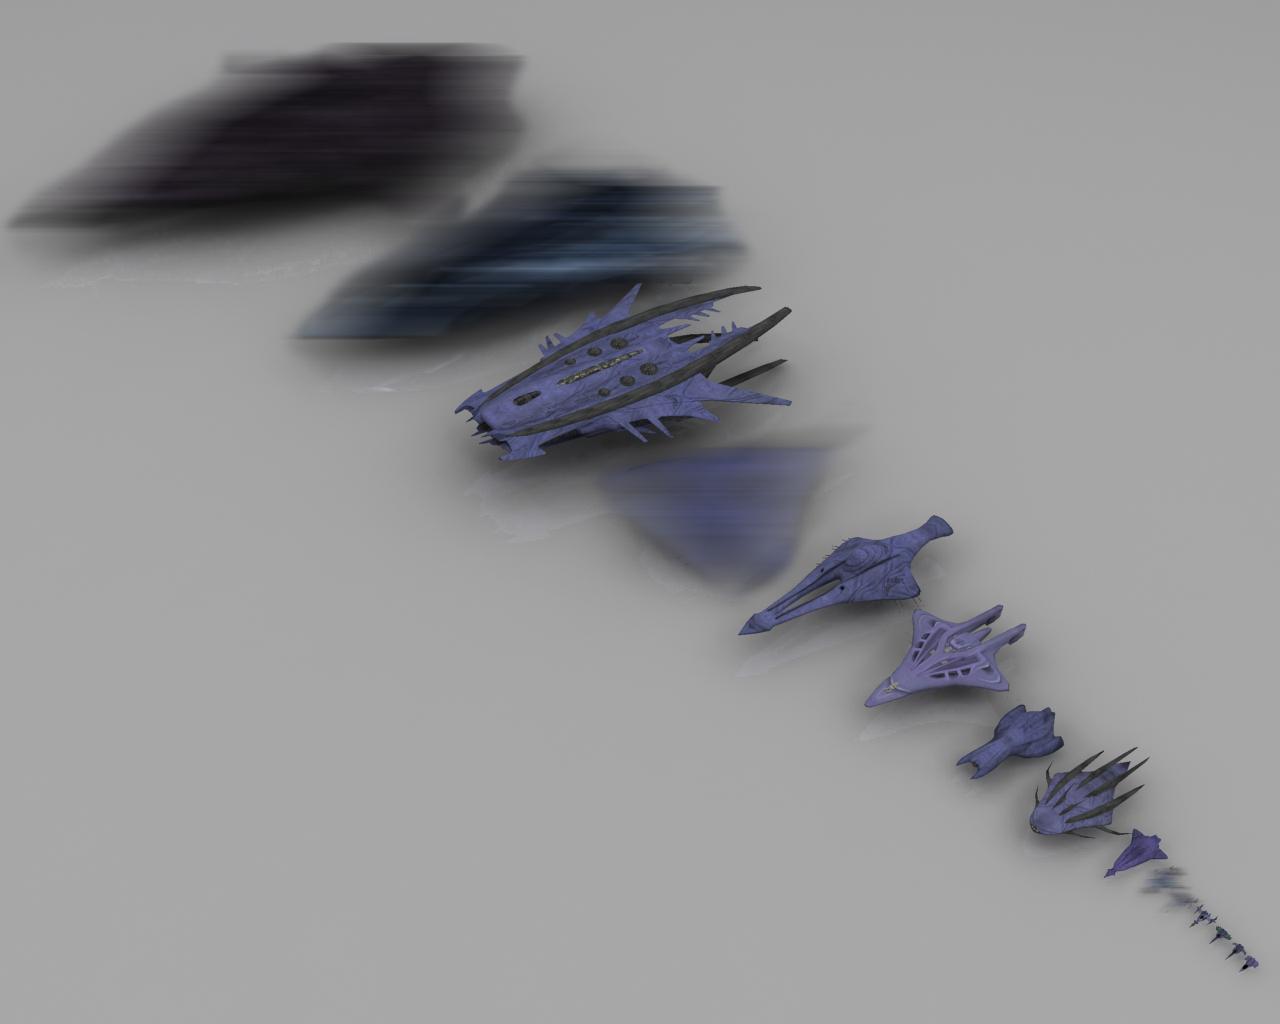 [Idée Refusée] Vaisseau Wraith - Page 2 Wraith_fleet_completec4al